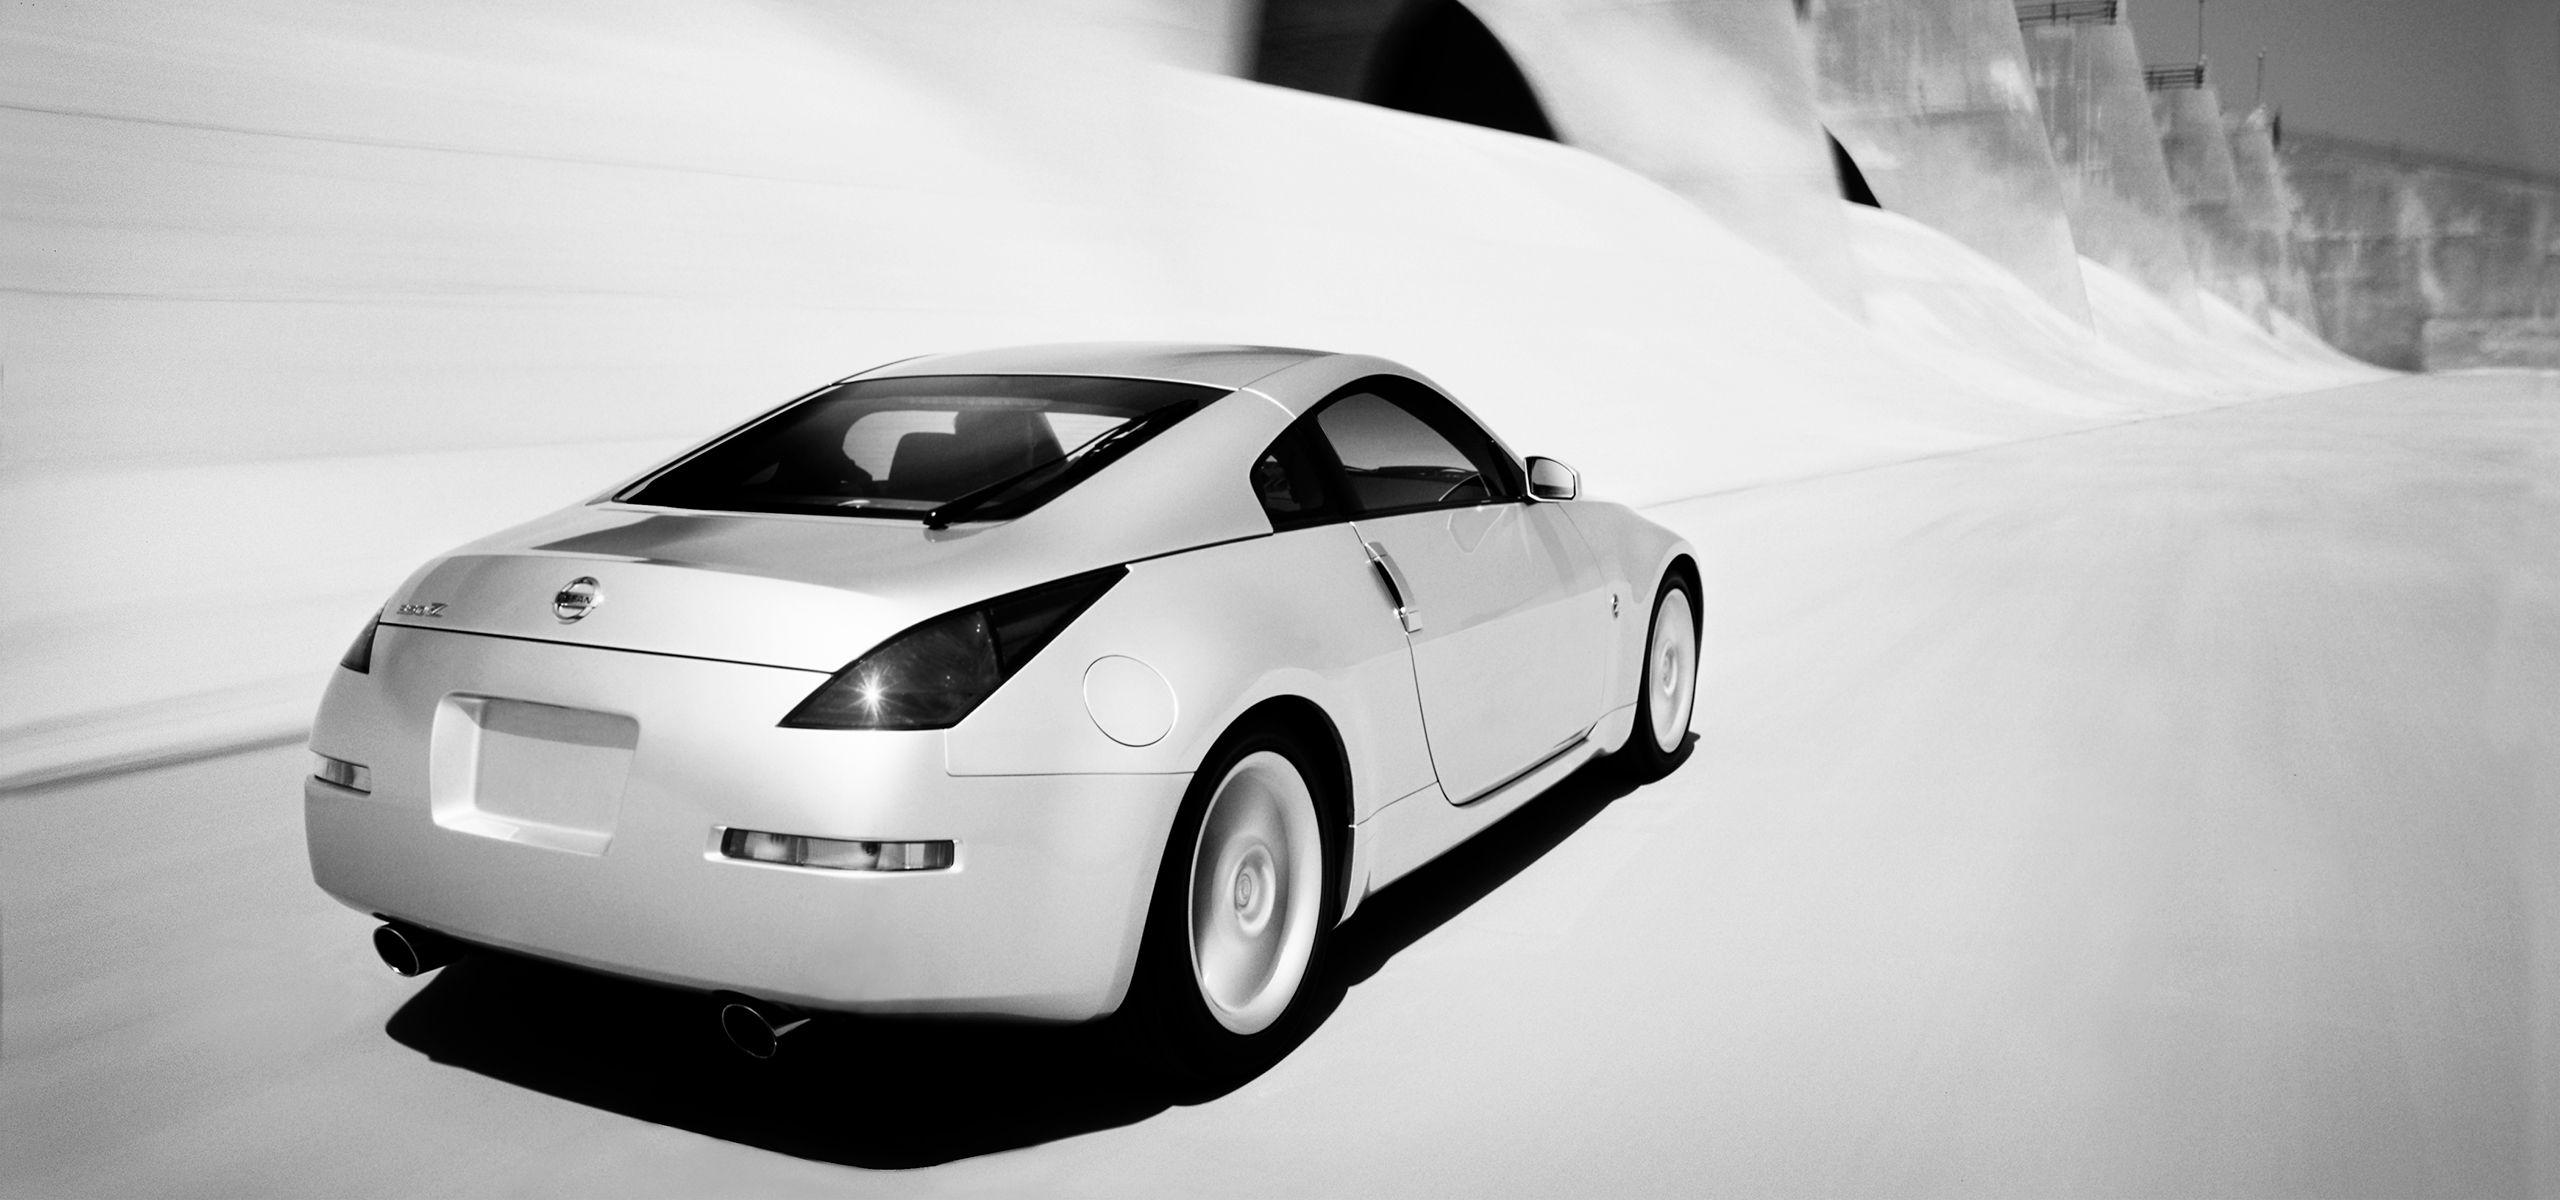 34-rear-motion.jpg